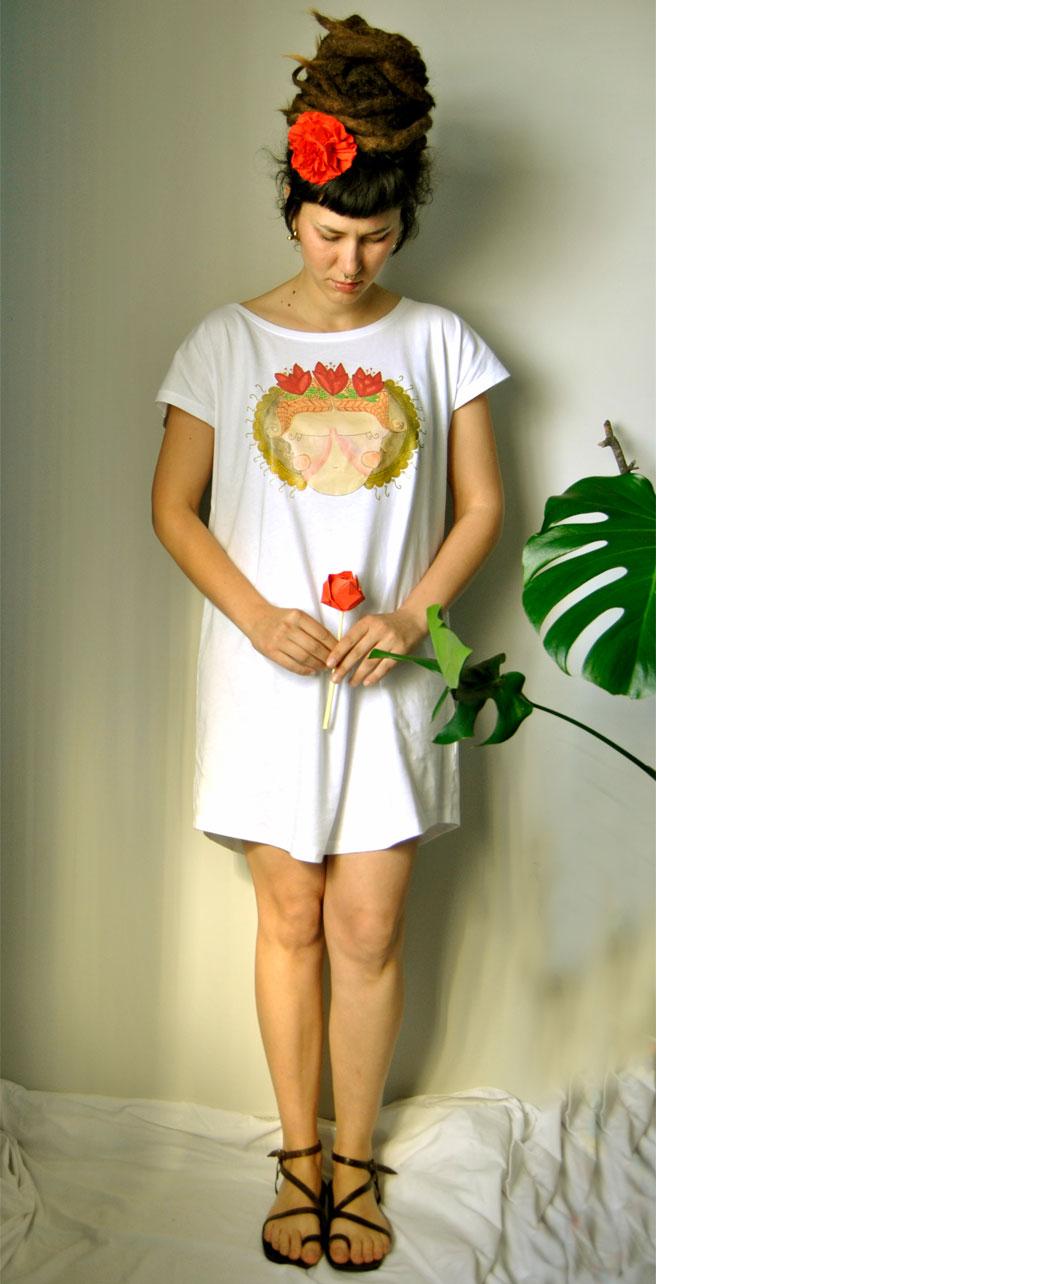 vestido tunica mujer comodo versatil sporty algodon organico chica flores